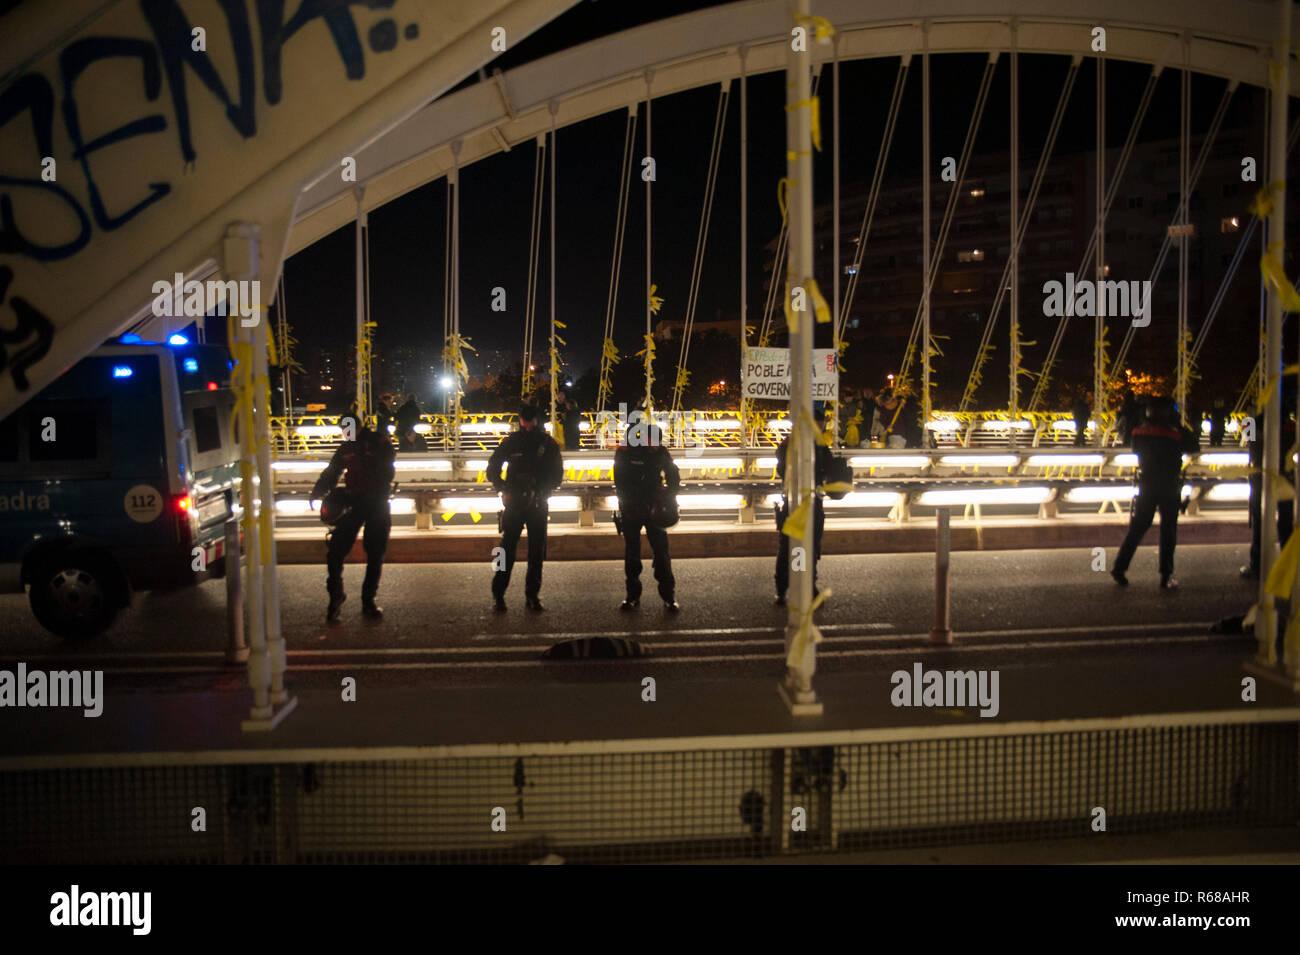 Barcelone, Espagne. 4 Décembre, 2018. Une centaine de personnes sont venus à un lien de liens massif jaune pour réclamer la liberté des prisonniers politiques. La loi a remplacé la police anti-émeute en raison de la recrudescence de la violence par des groupes violents liés à l'extrême droite. Charlie Perez/Alamy Live News Banque D'Images